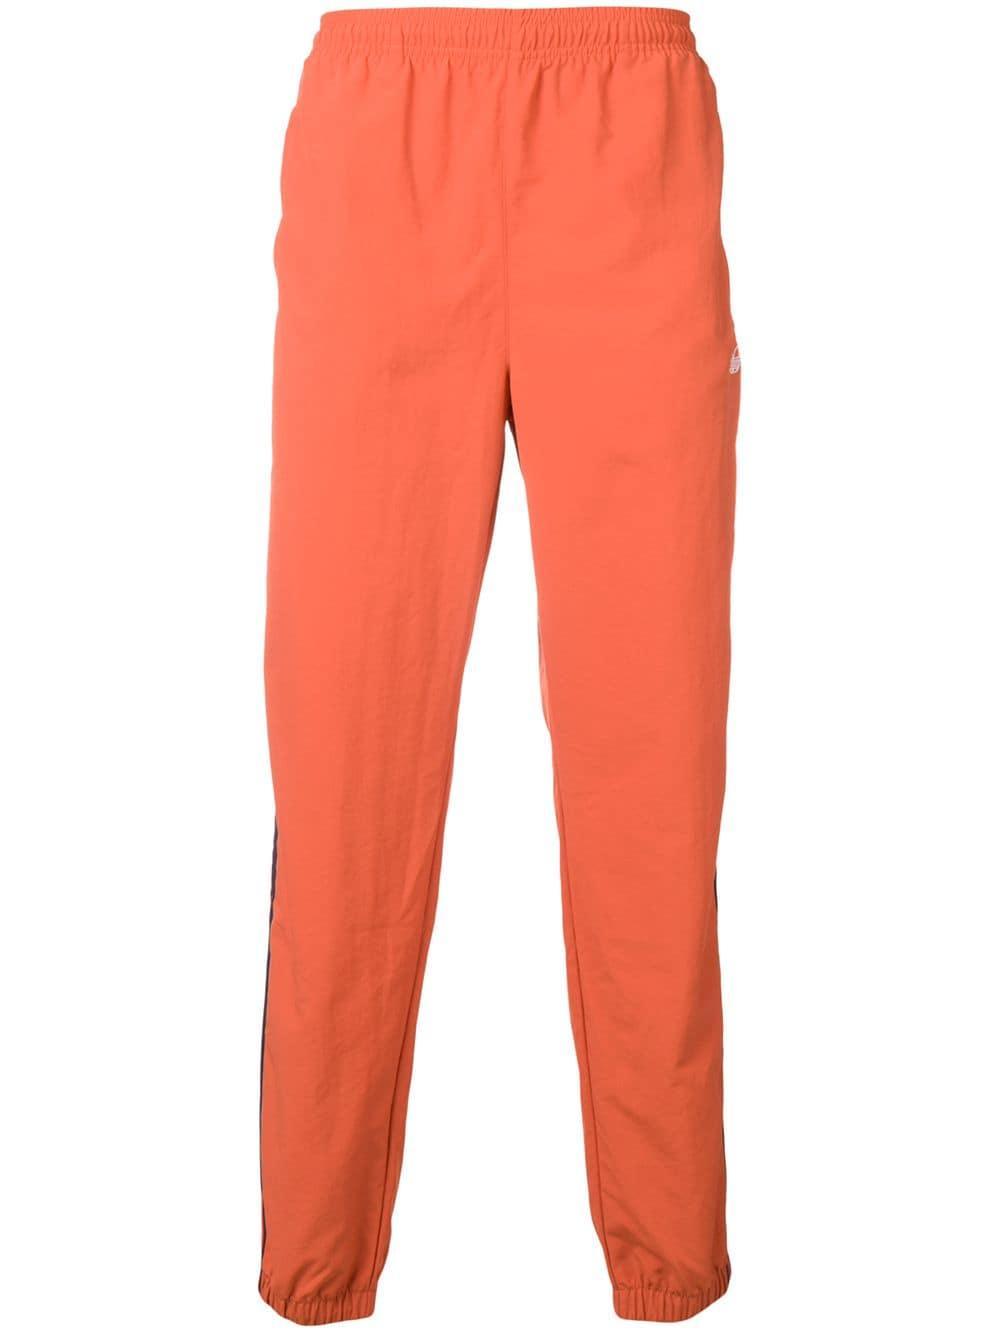 Pantalones Hombre Color Chándal Adidas Básicos De Orange 0OymN8wPvn